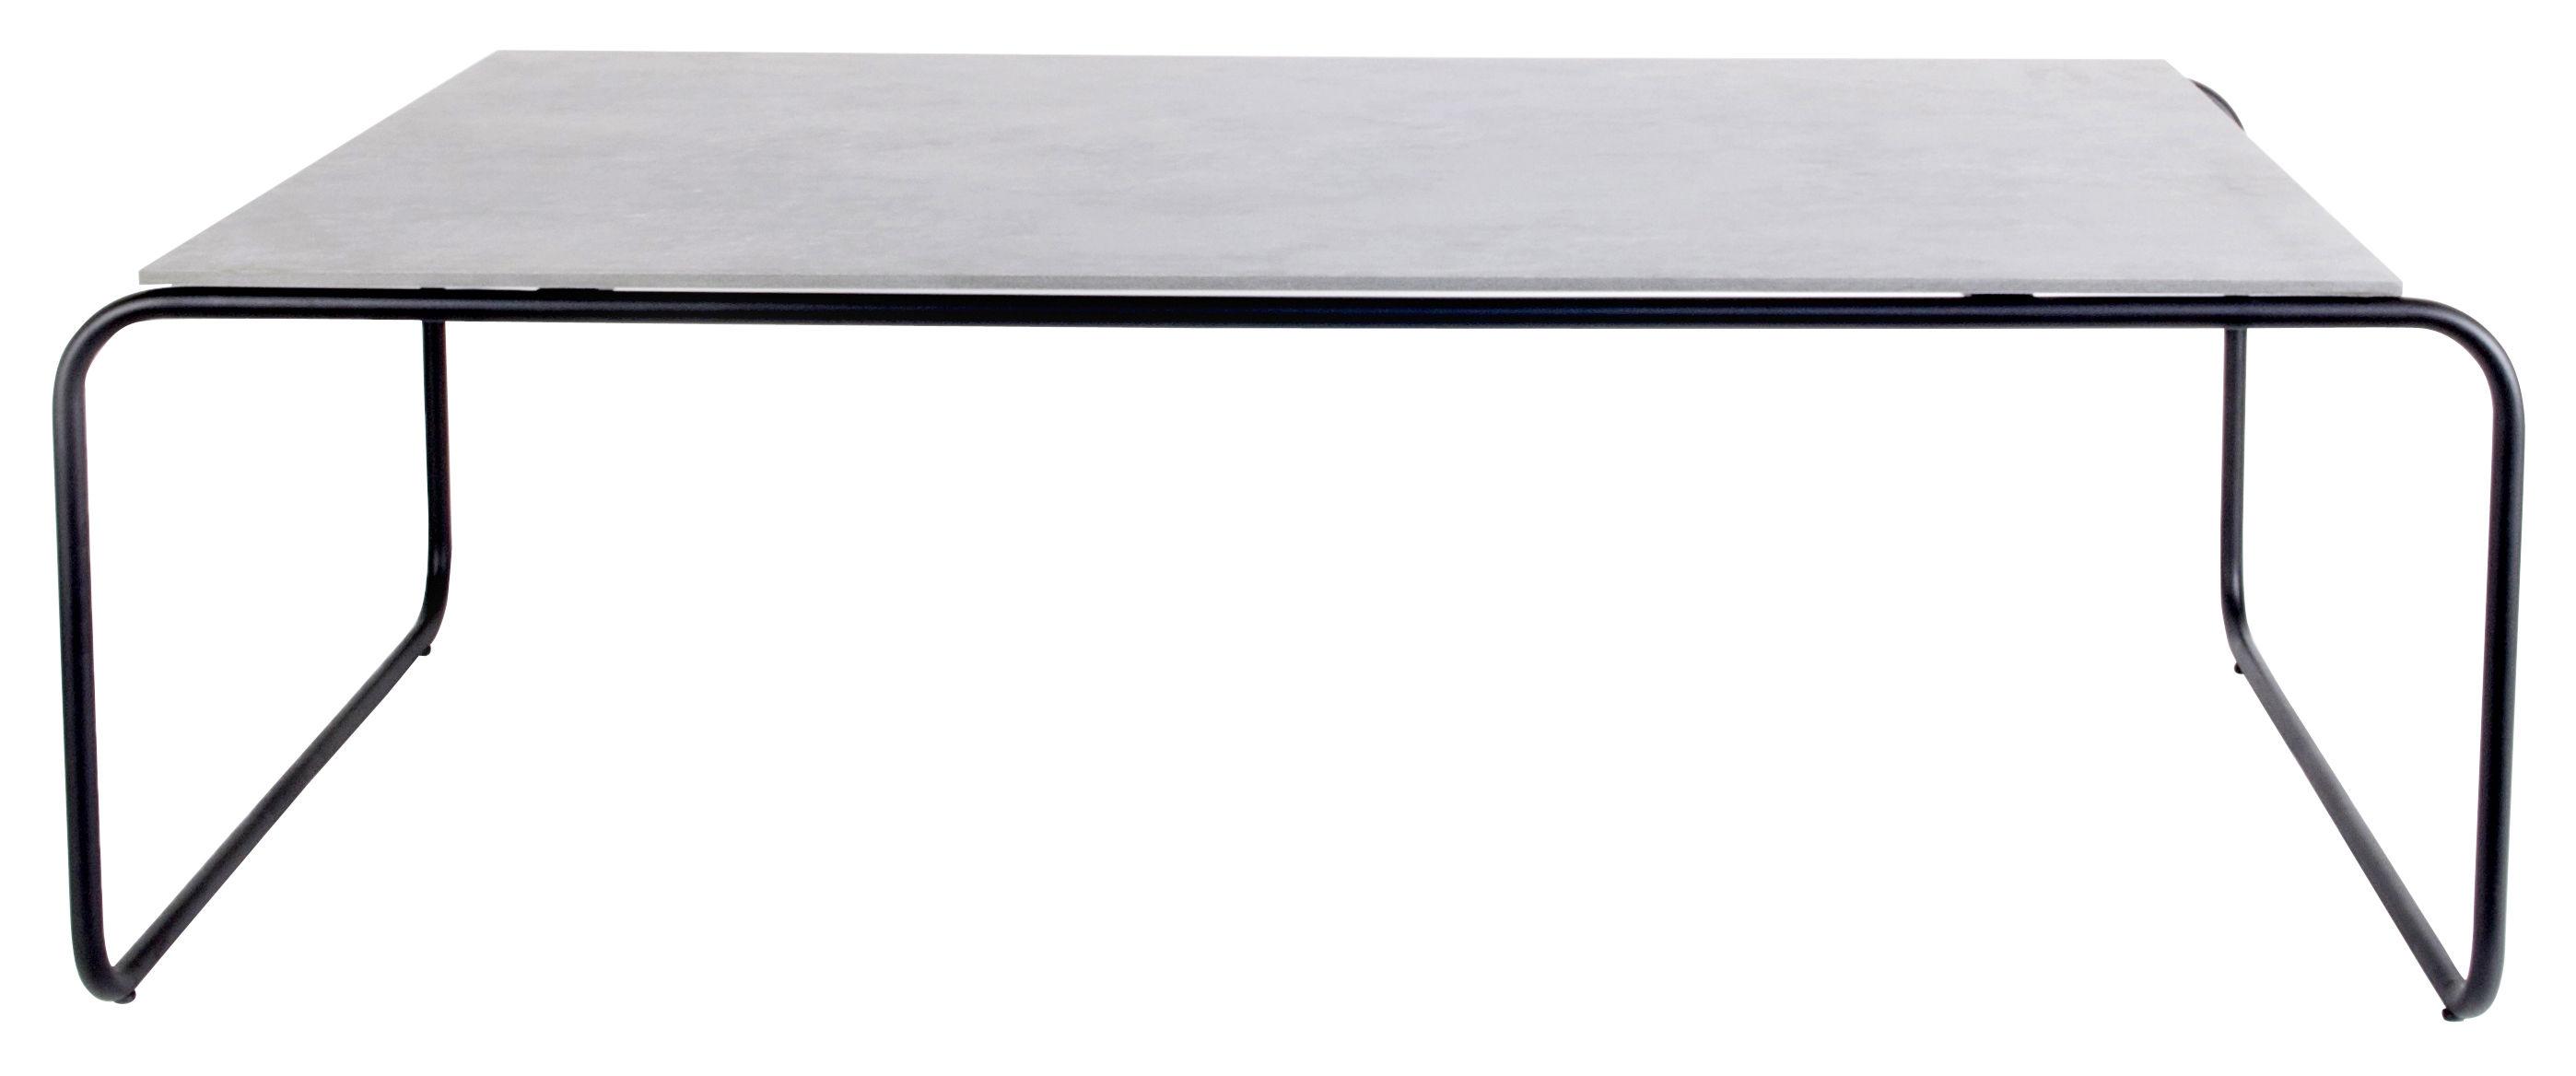 Mobilier - Tables basses - Table basse Yoso Medium / 120 x 69 x H 39 cm - Ciment - XL Boom - Noir / Ciment gris -  Fibre-ciment, Acier laqué époxy